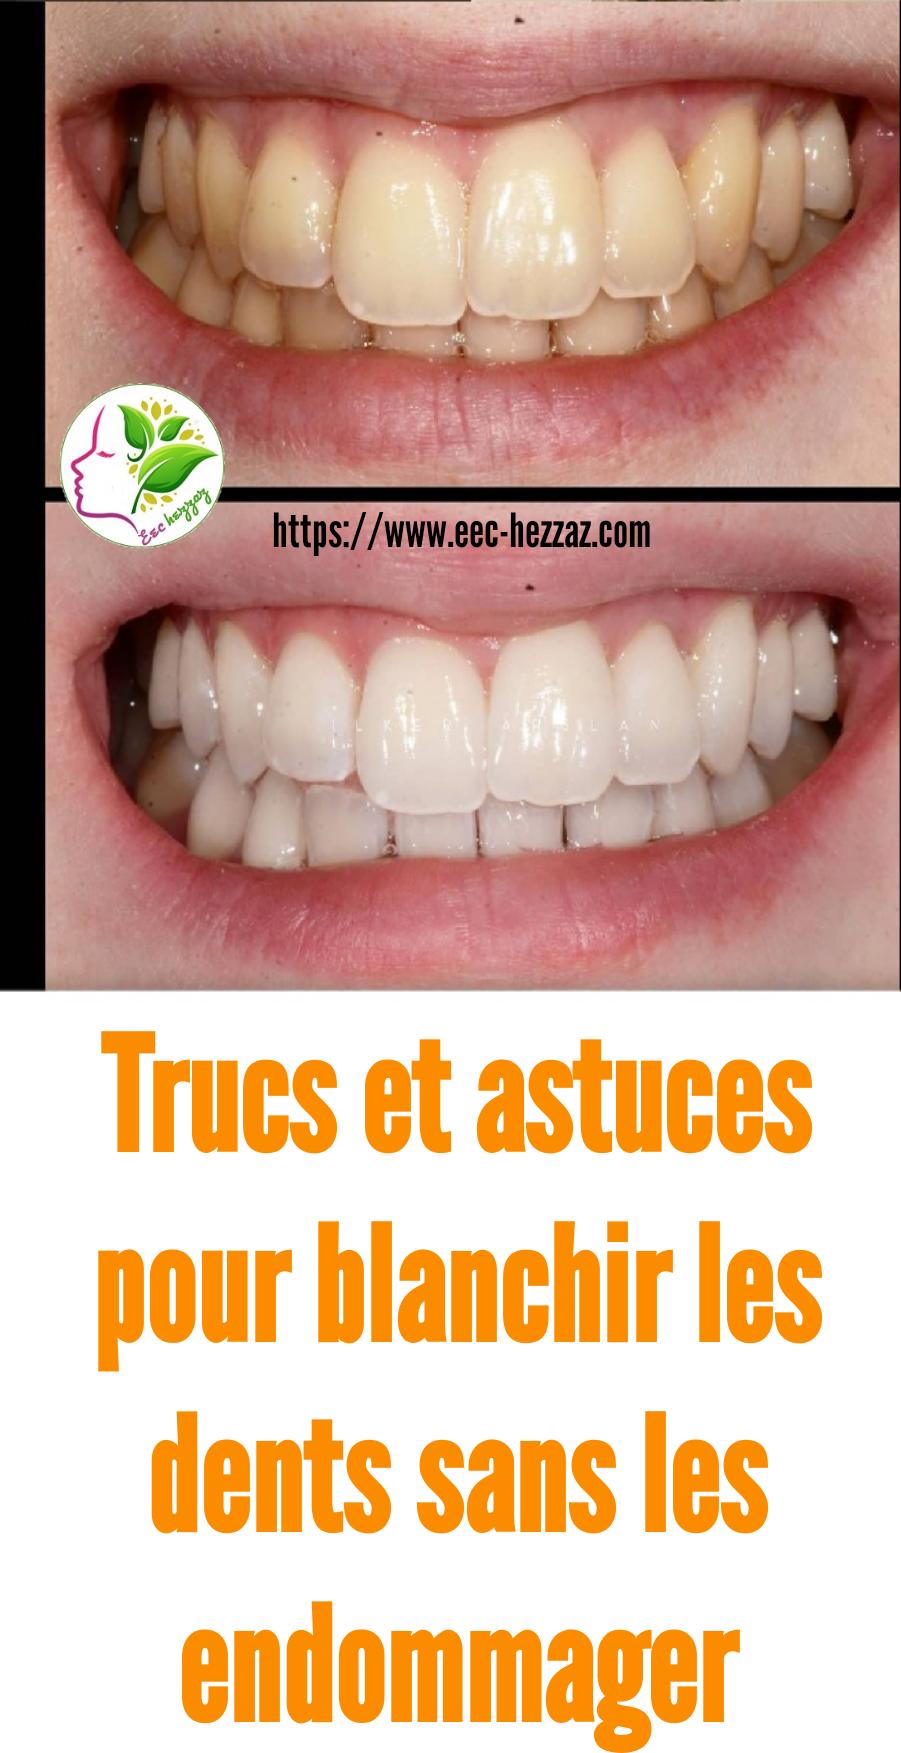 Trucs et astuces pour blanchir les dents sans les endommager